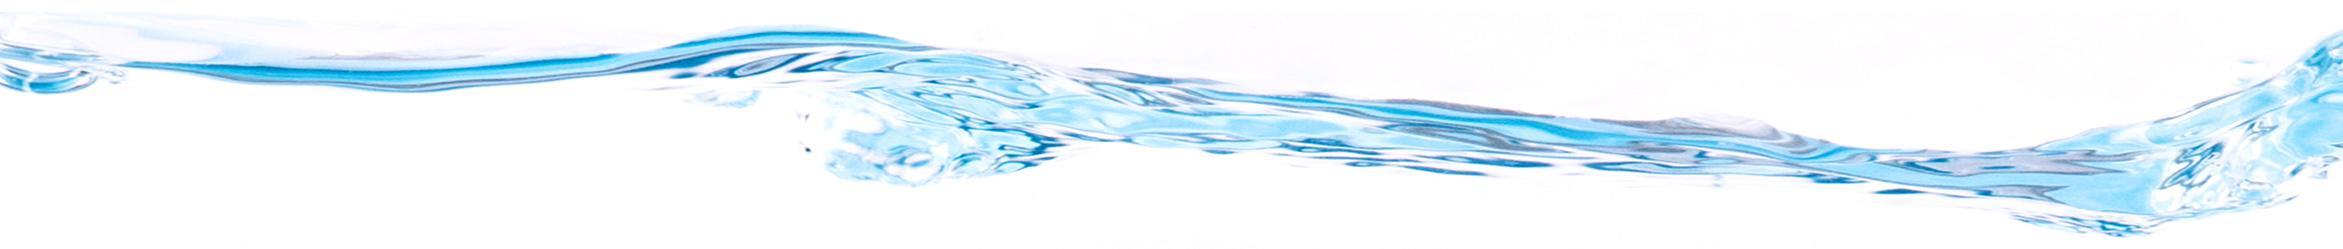 Image avec de l'eau